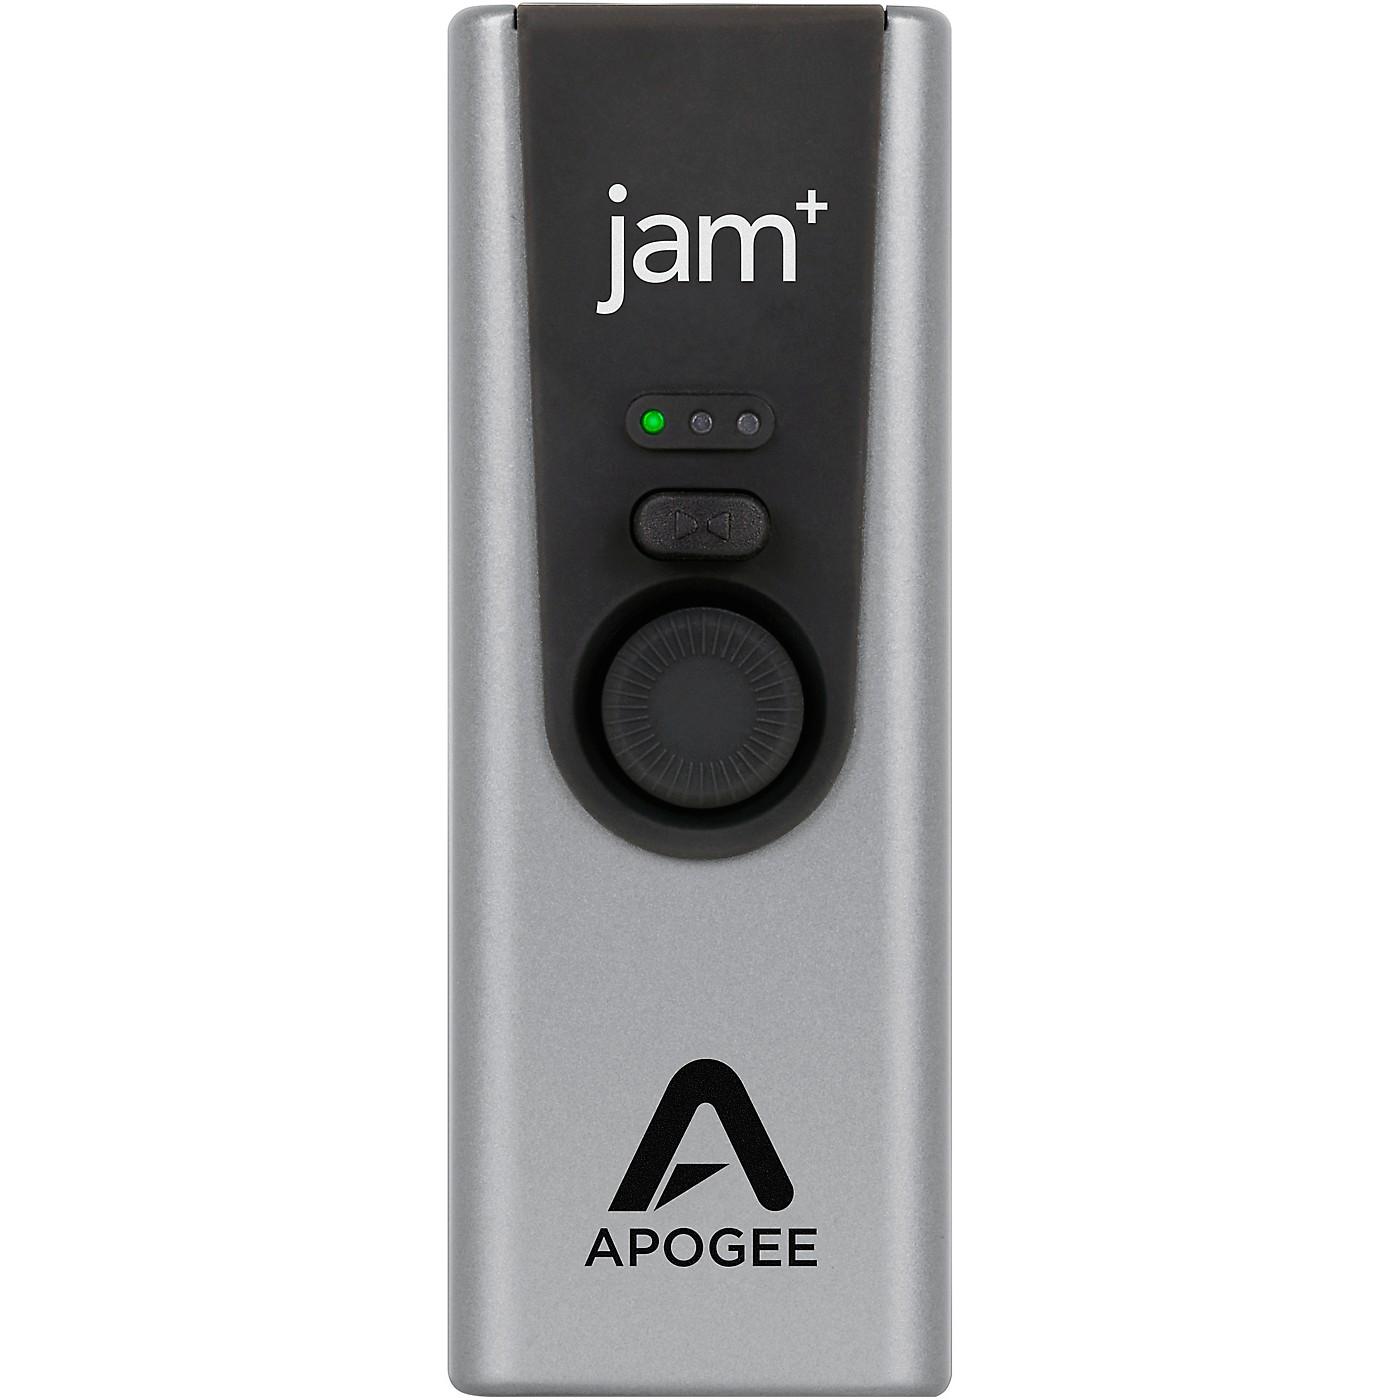 Apogee JAM PLUS thumbnail